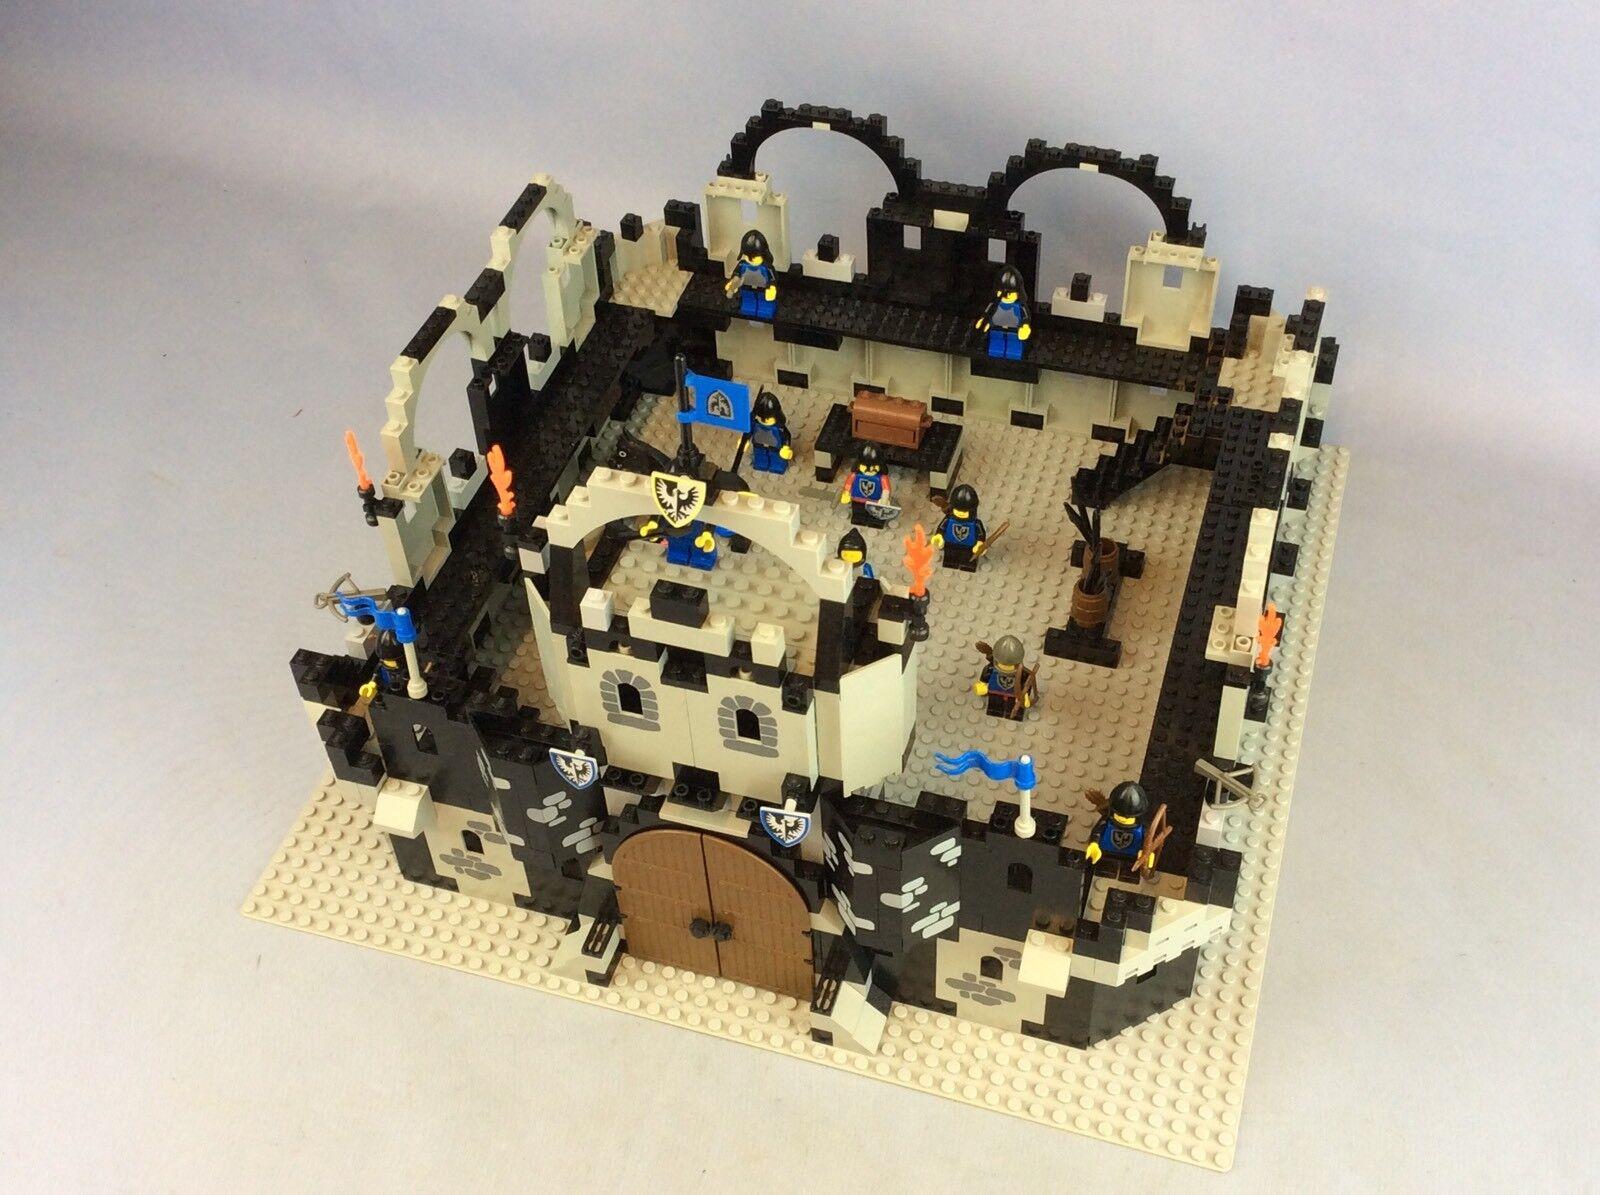 Lego Chevaliers Forteresse de livraison disponible dans le  monde encravater  en bonne santé